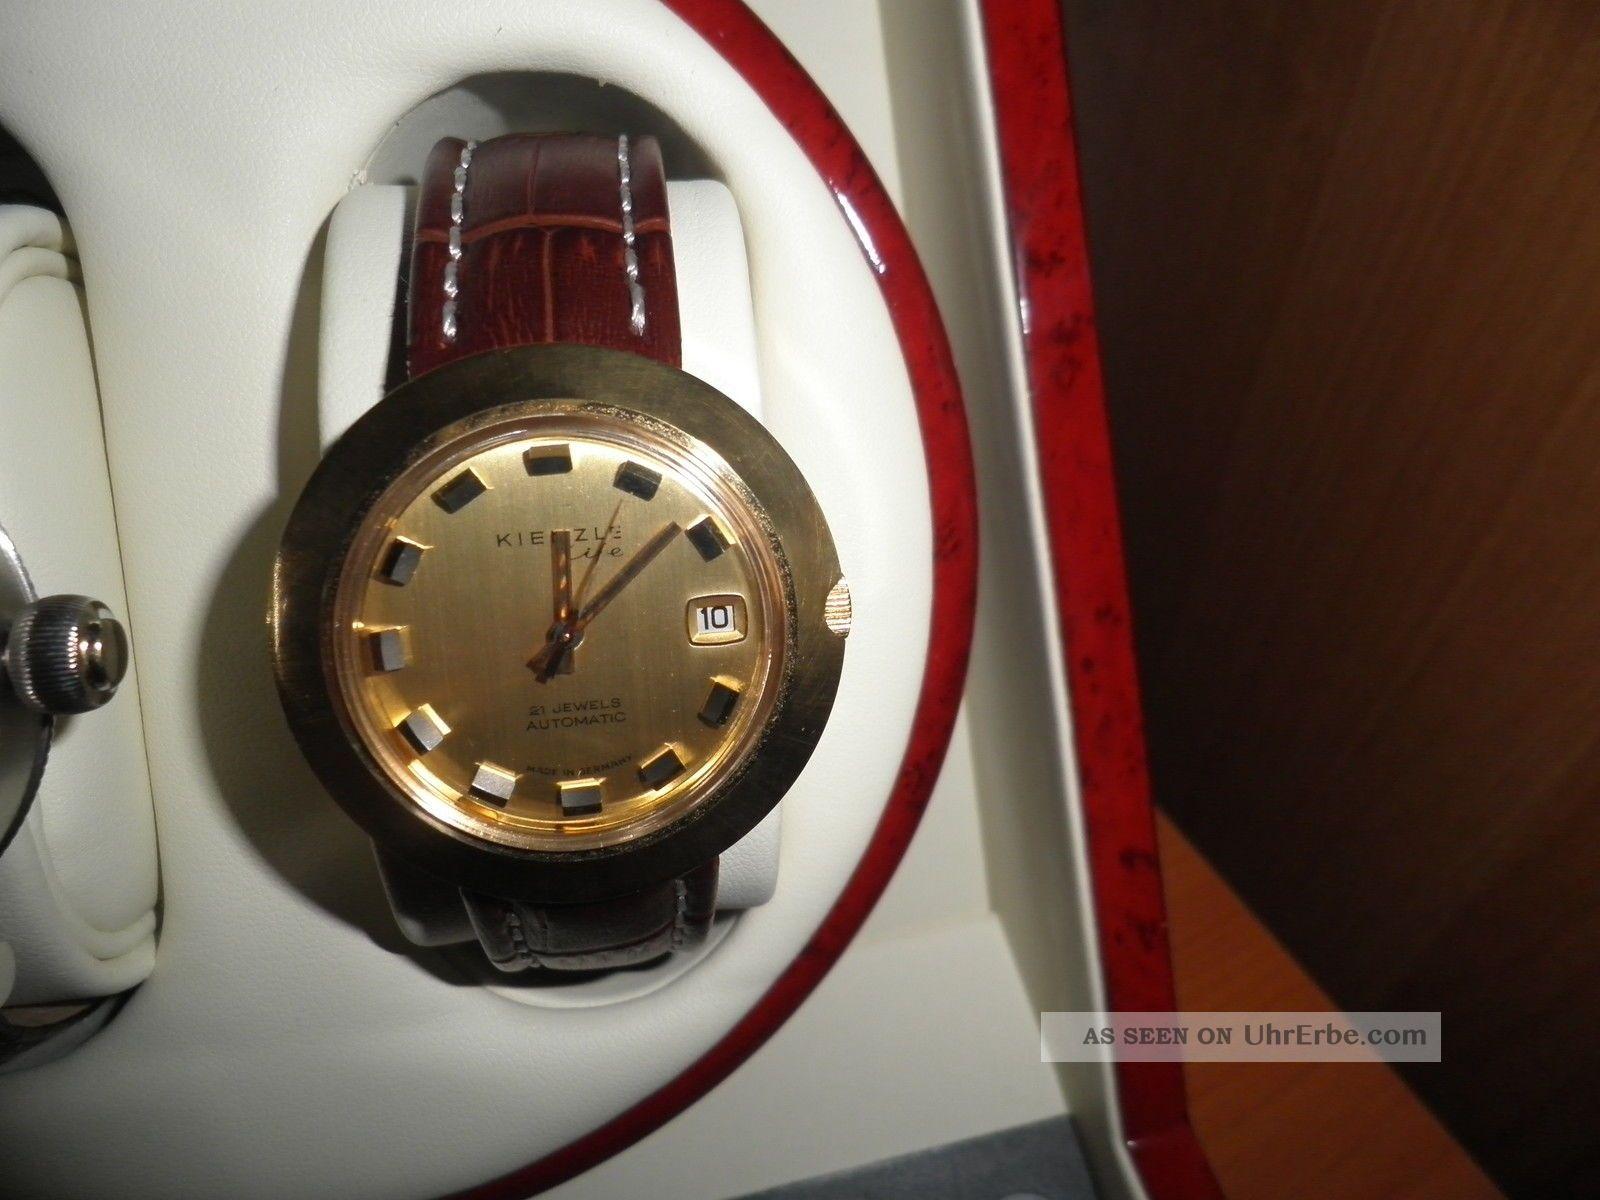 Herrenarmbanduhr Kienzle Automatic Armbanduhren Bild